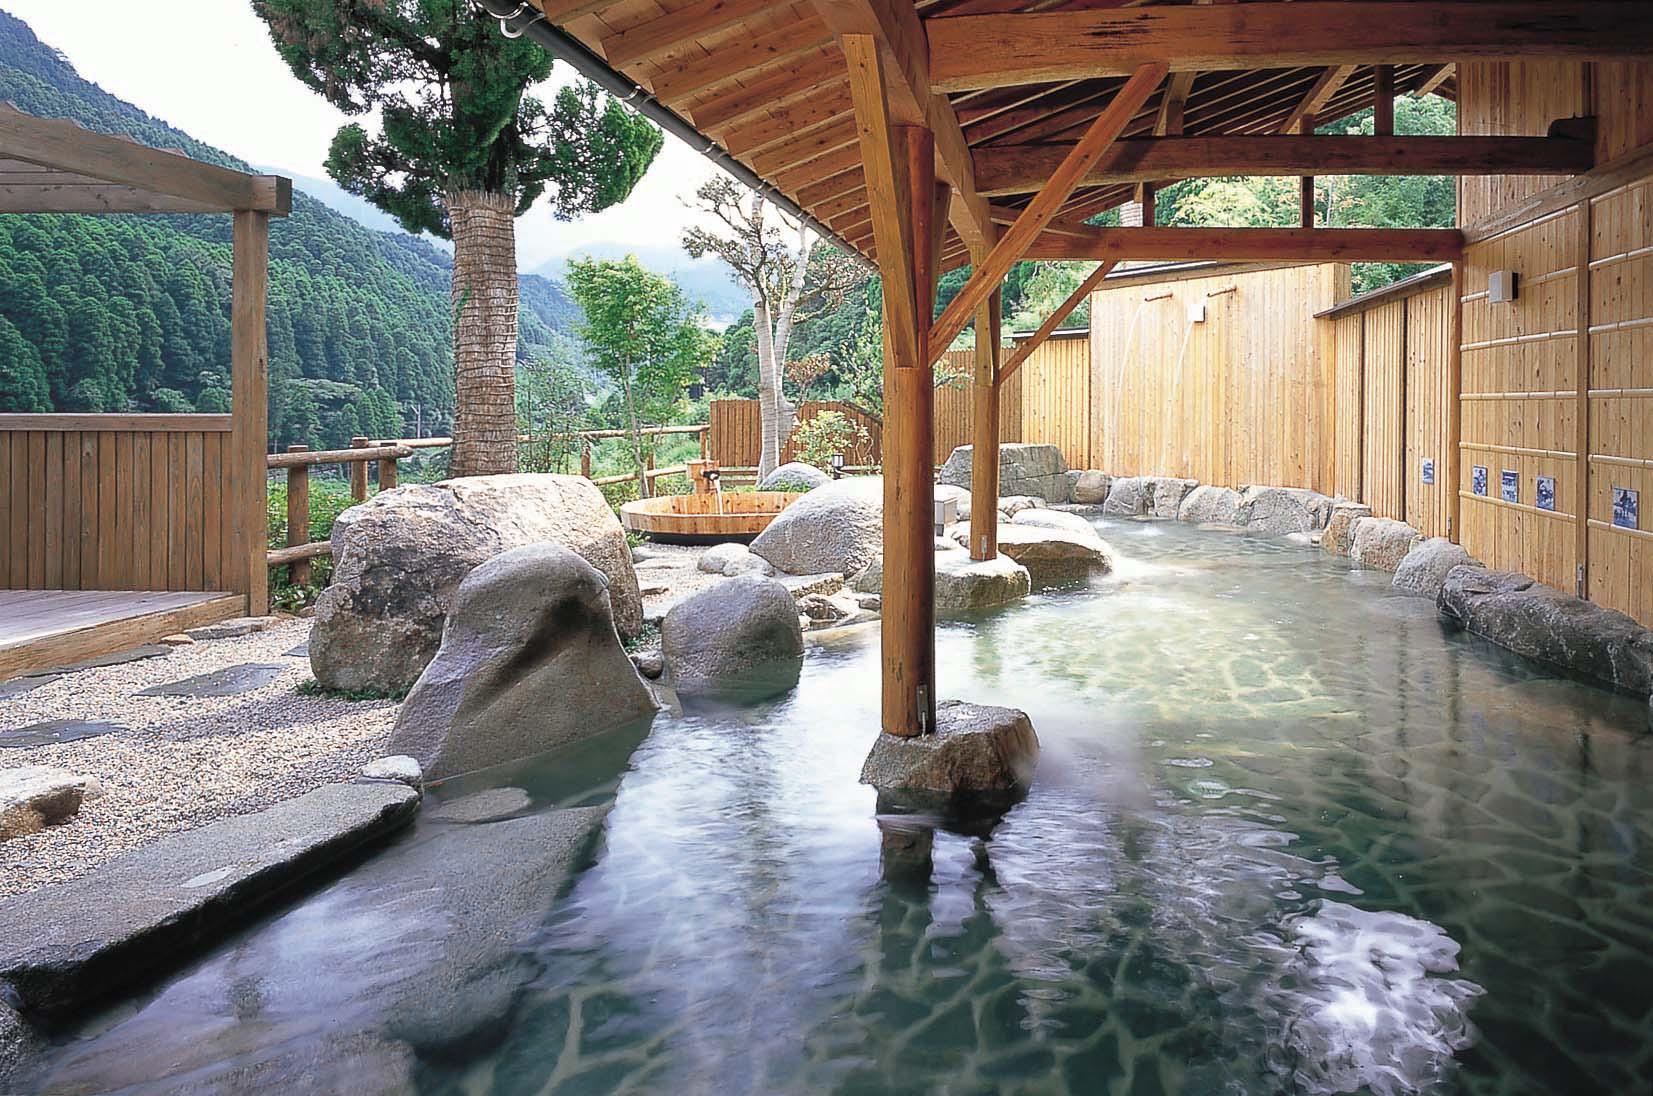 夏休みに行きたい温泉ランキング!種類別で紹介します!!!のサムネイル画像